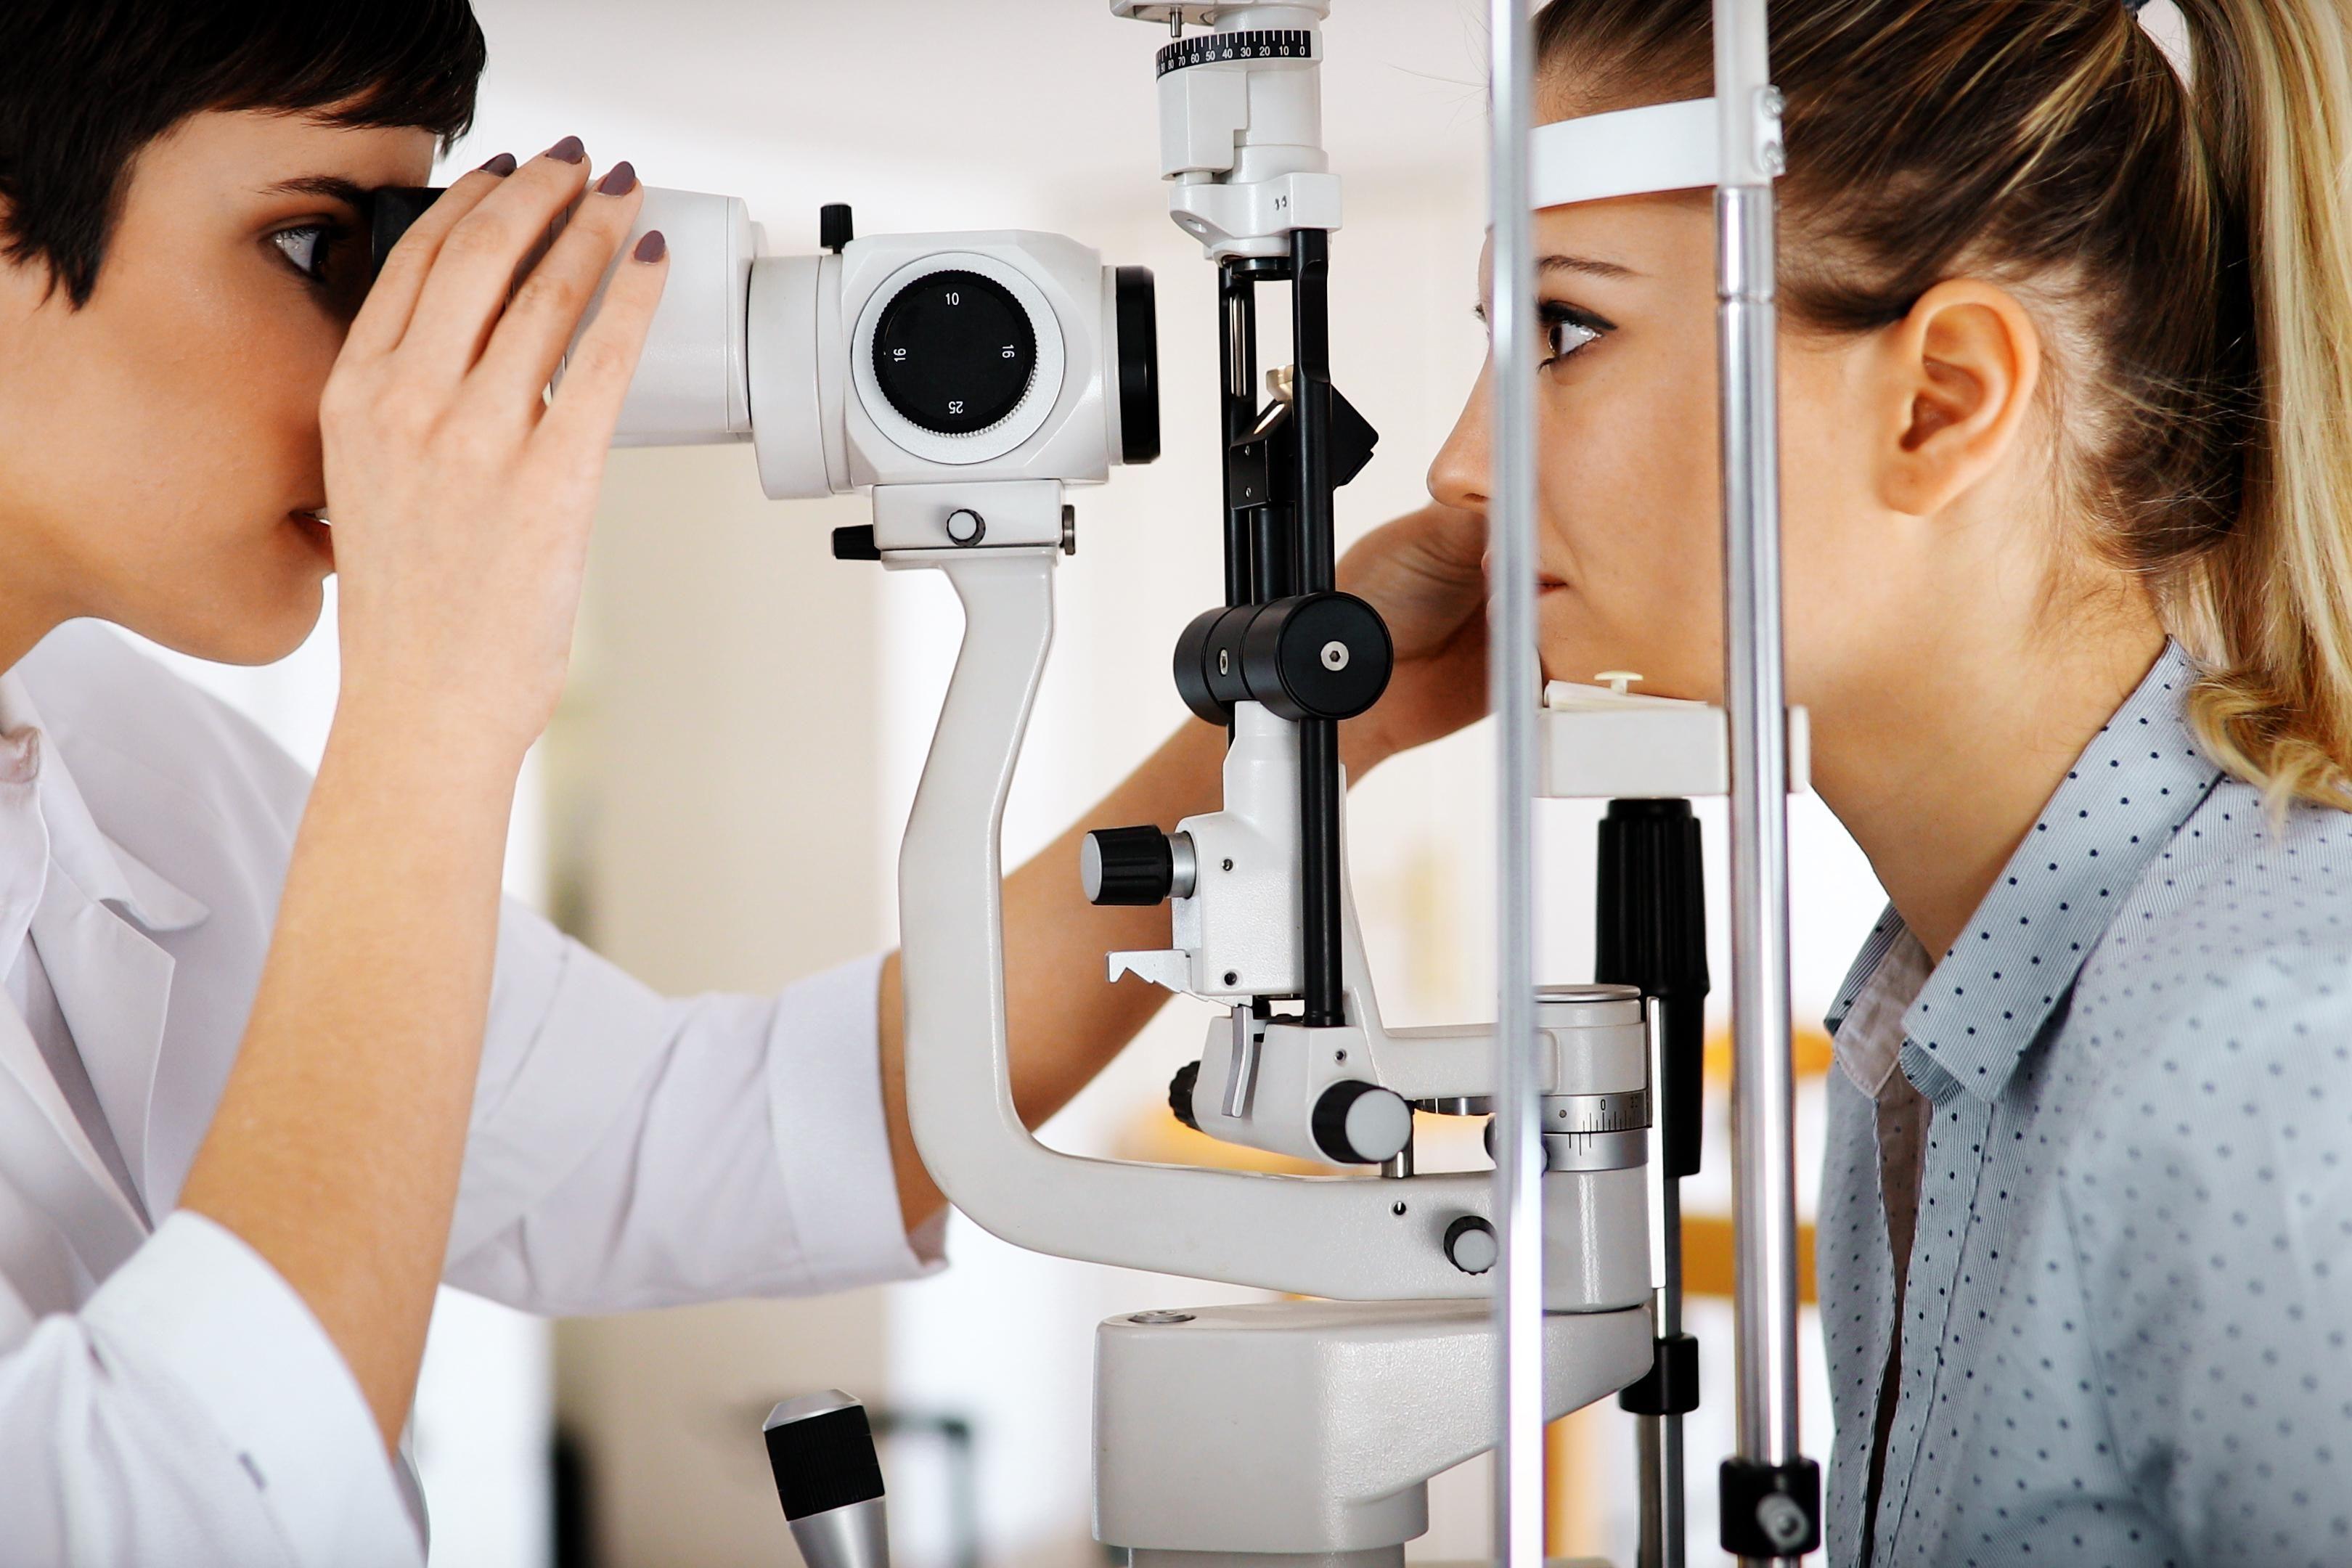 8f055dad1a Tout savoir sur l'examen ophtalmologique - Doctissimo